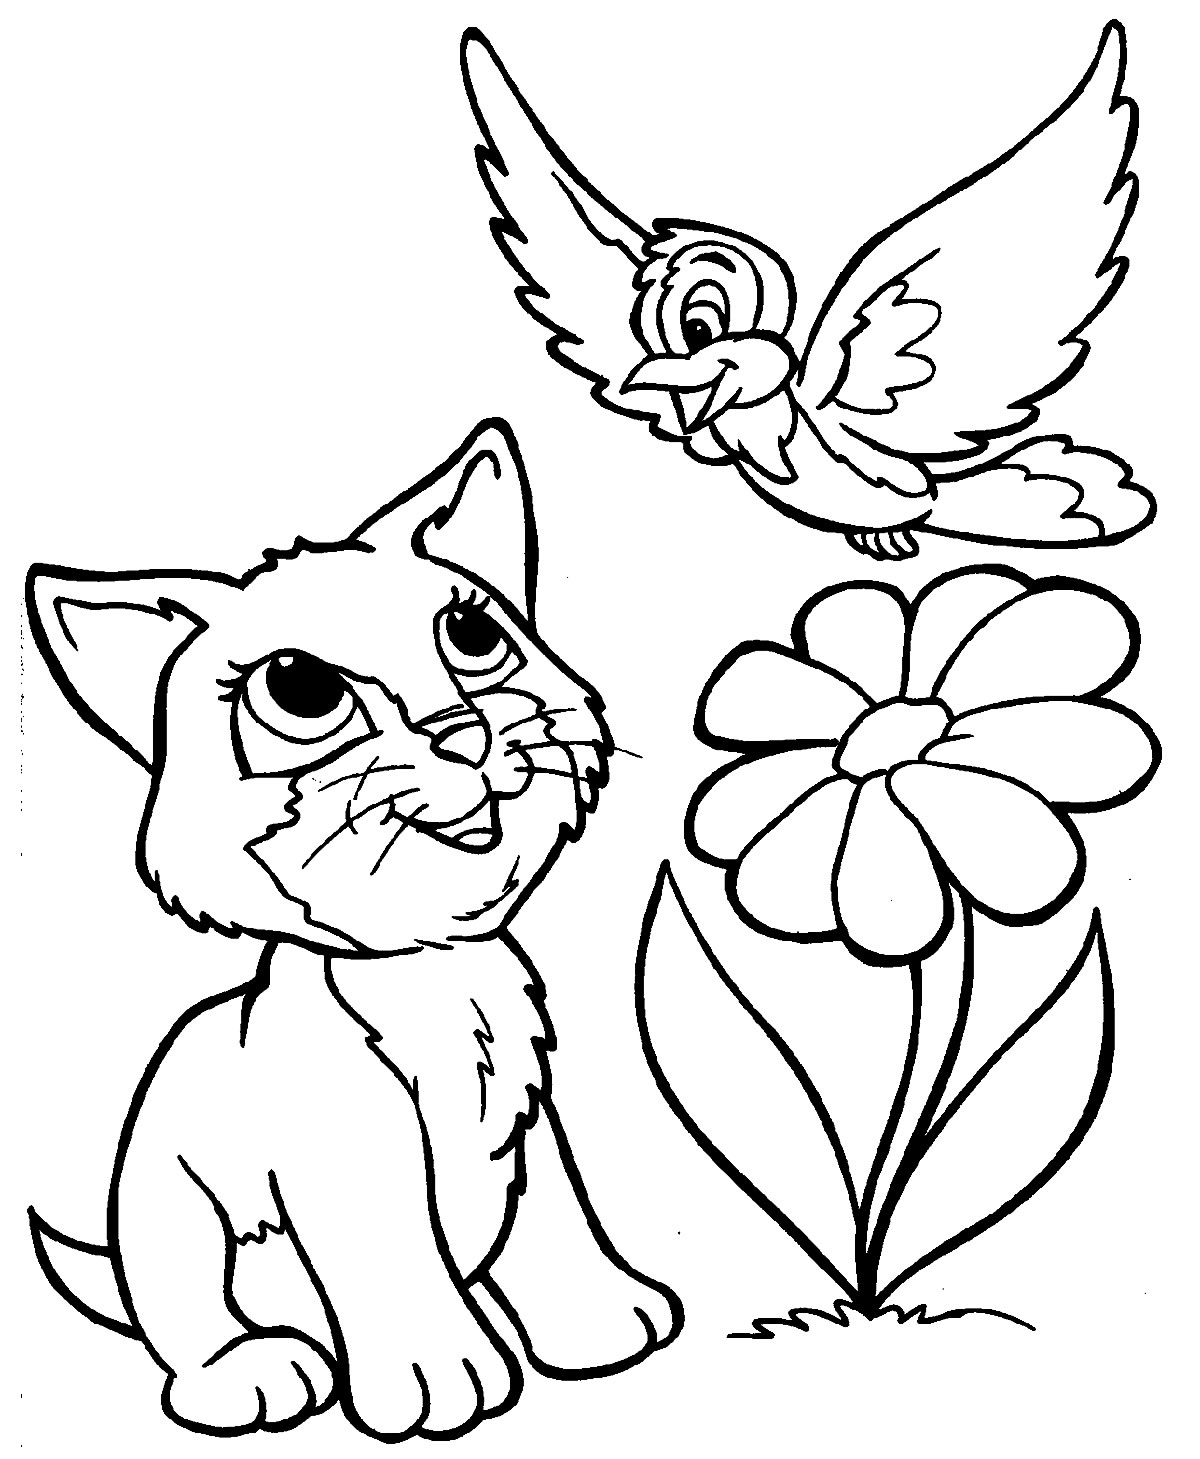 Desenho de gato e passarinho